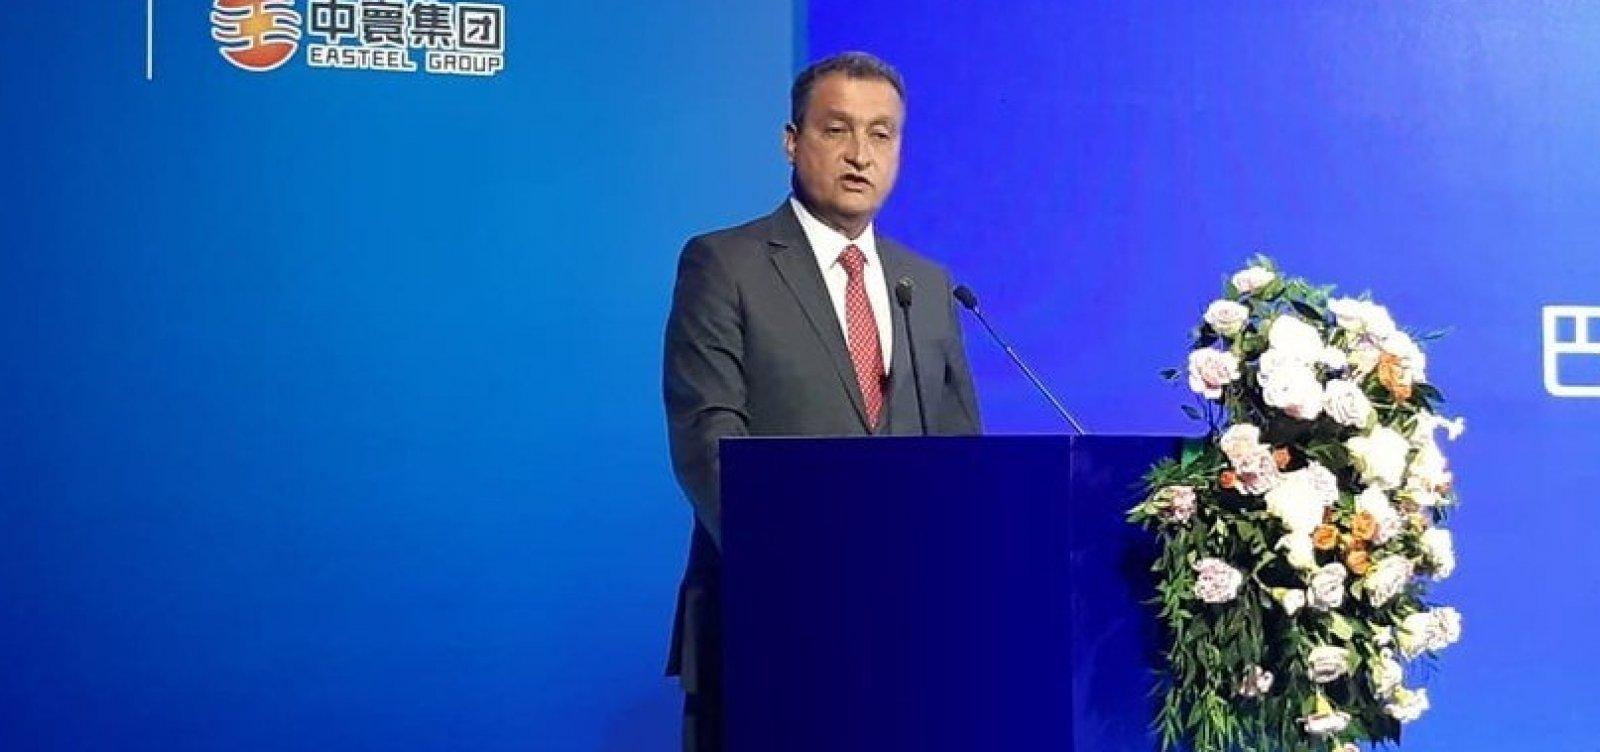 [Acordo entre Bahia e China deve criar 30 mil empregos, diz governador]